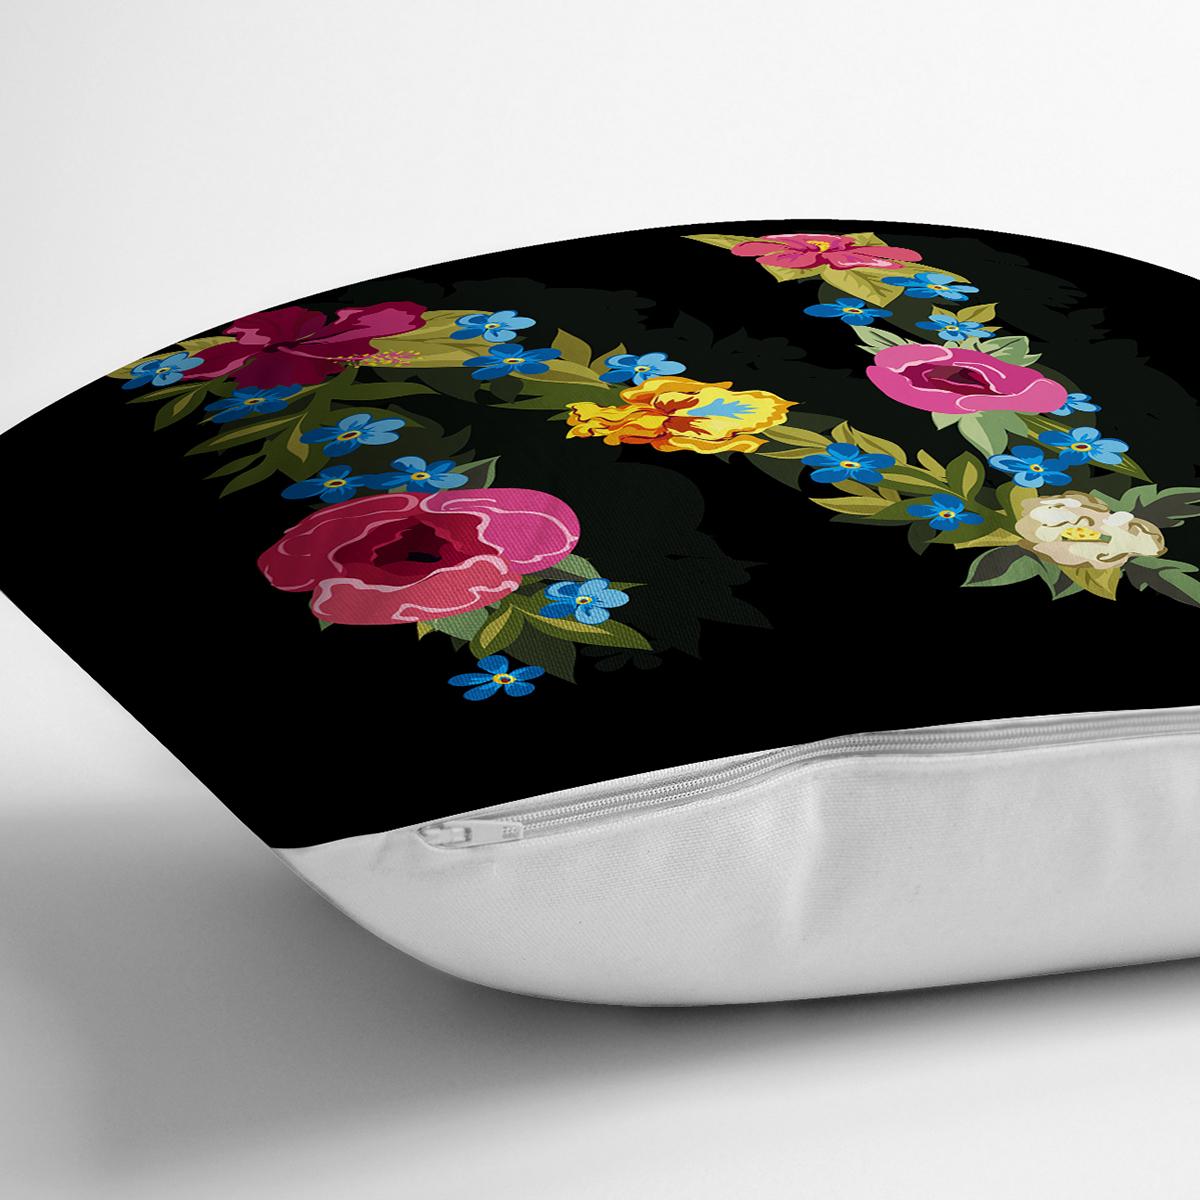 Siyah Zemin Renkli Gül Temalı N Harfi Özel Tasarım Dijital Baskılı Yastık Kırlent Kılıfı Realhomes